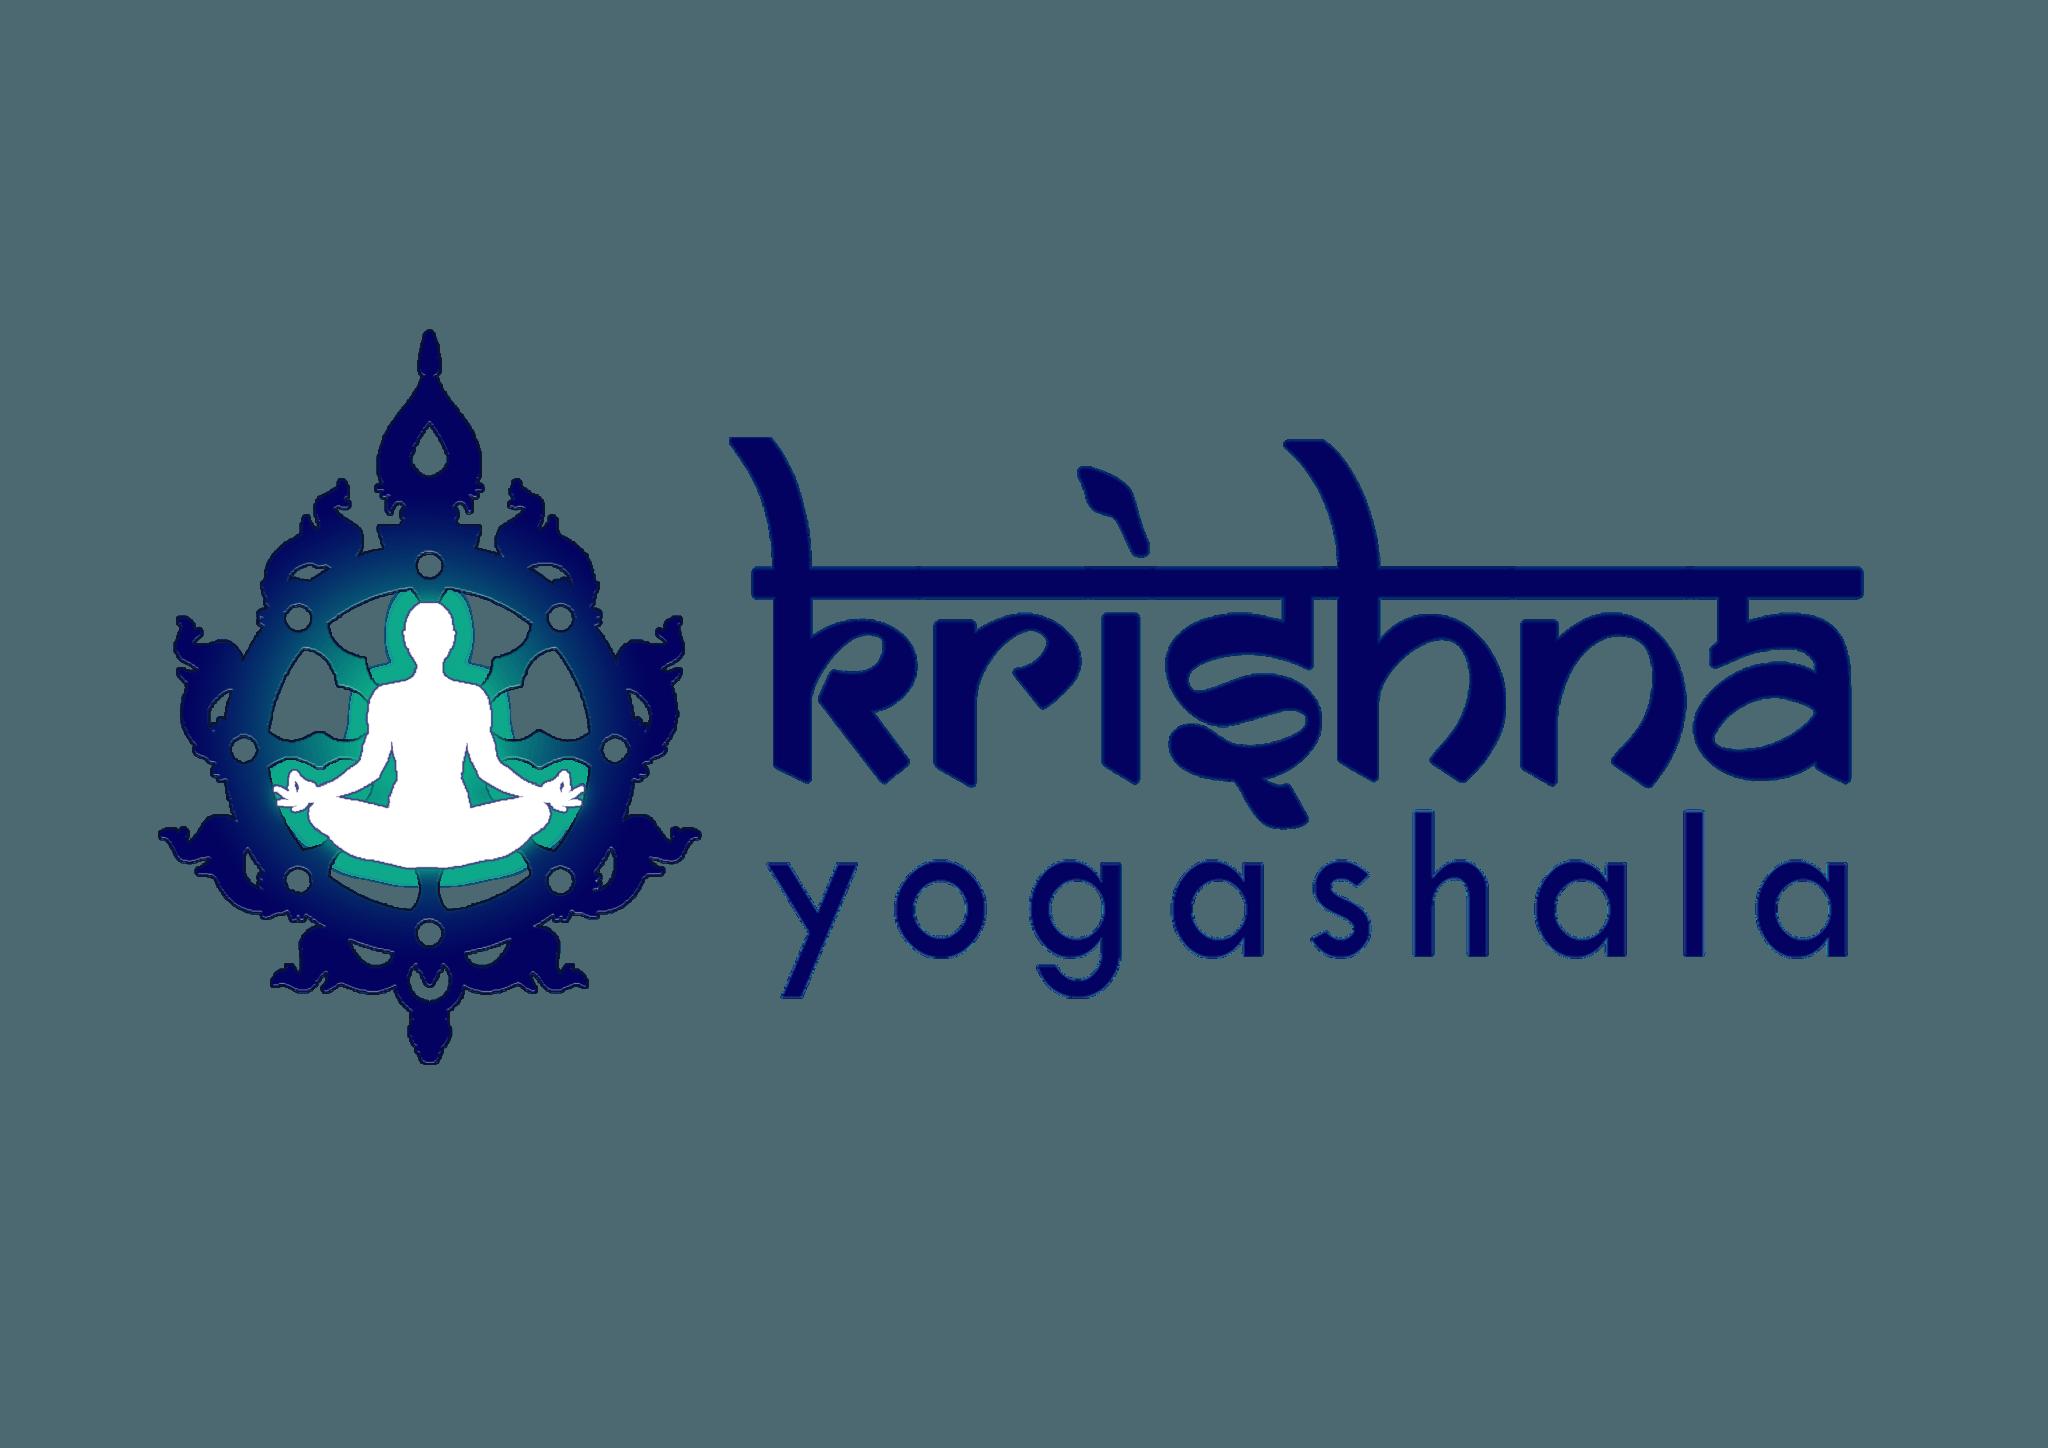 Krishna Yoga Shala